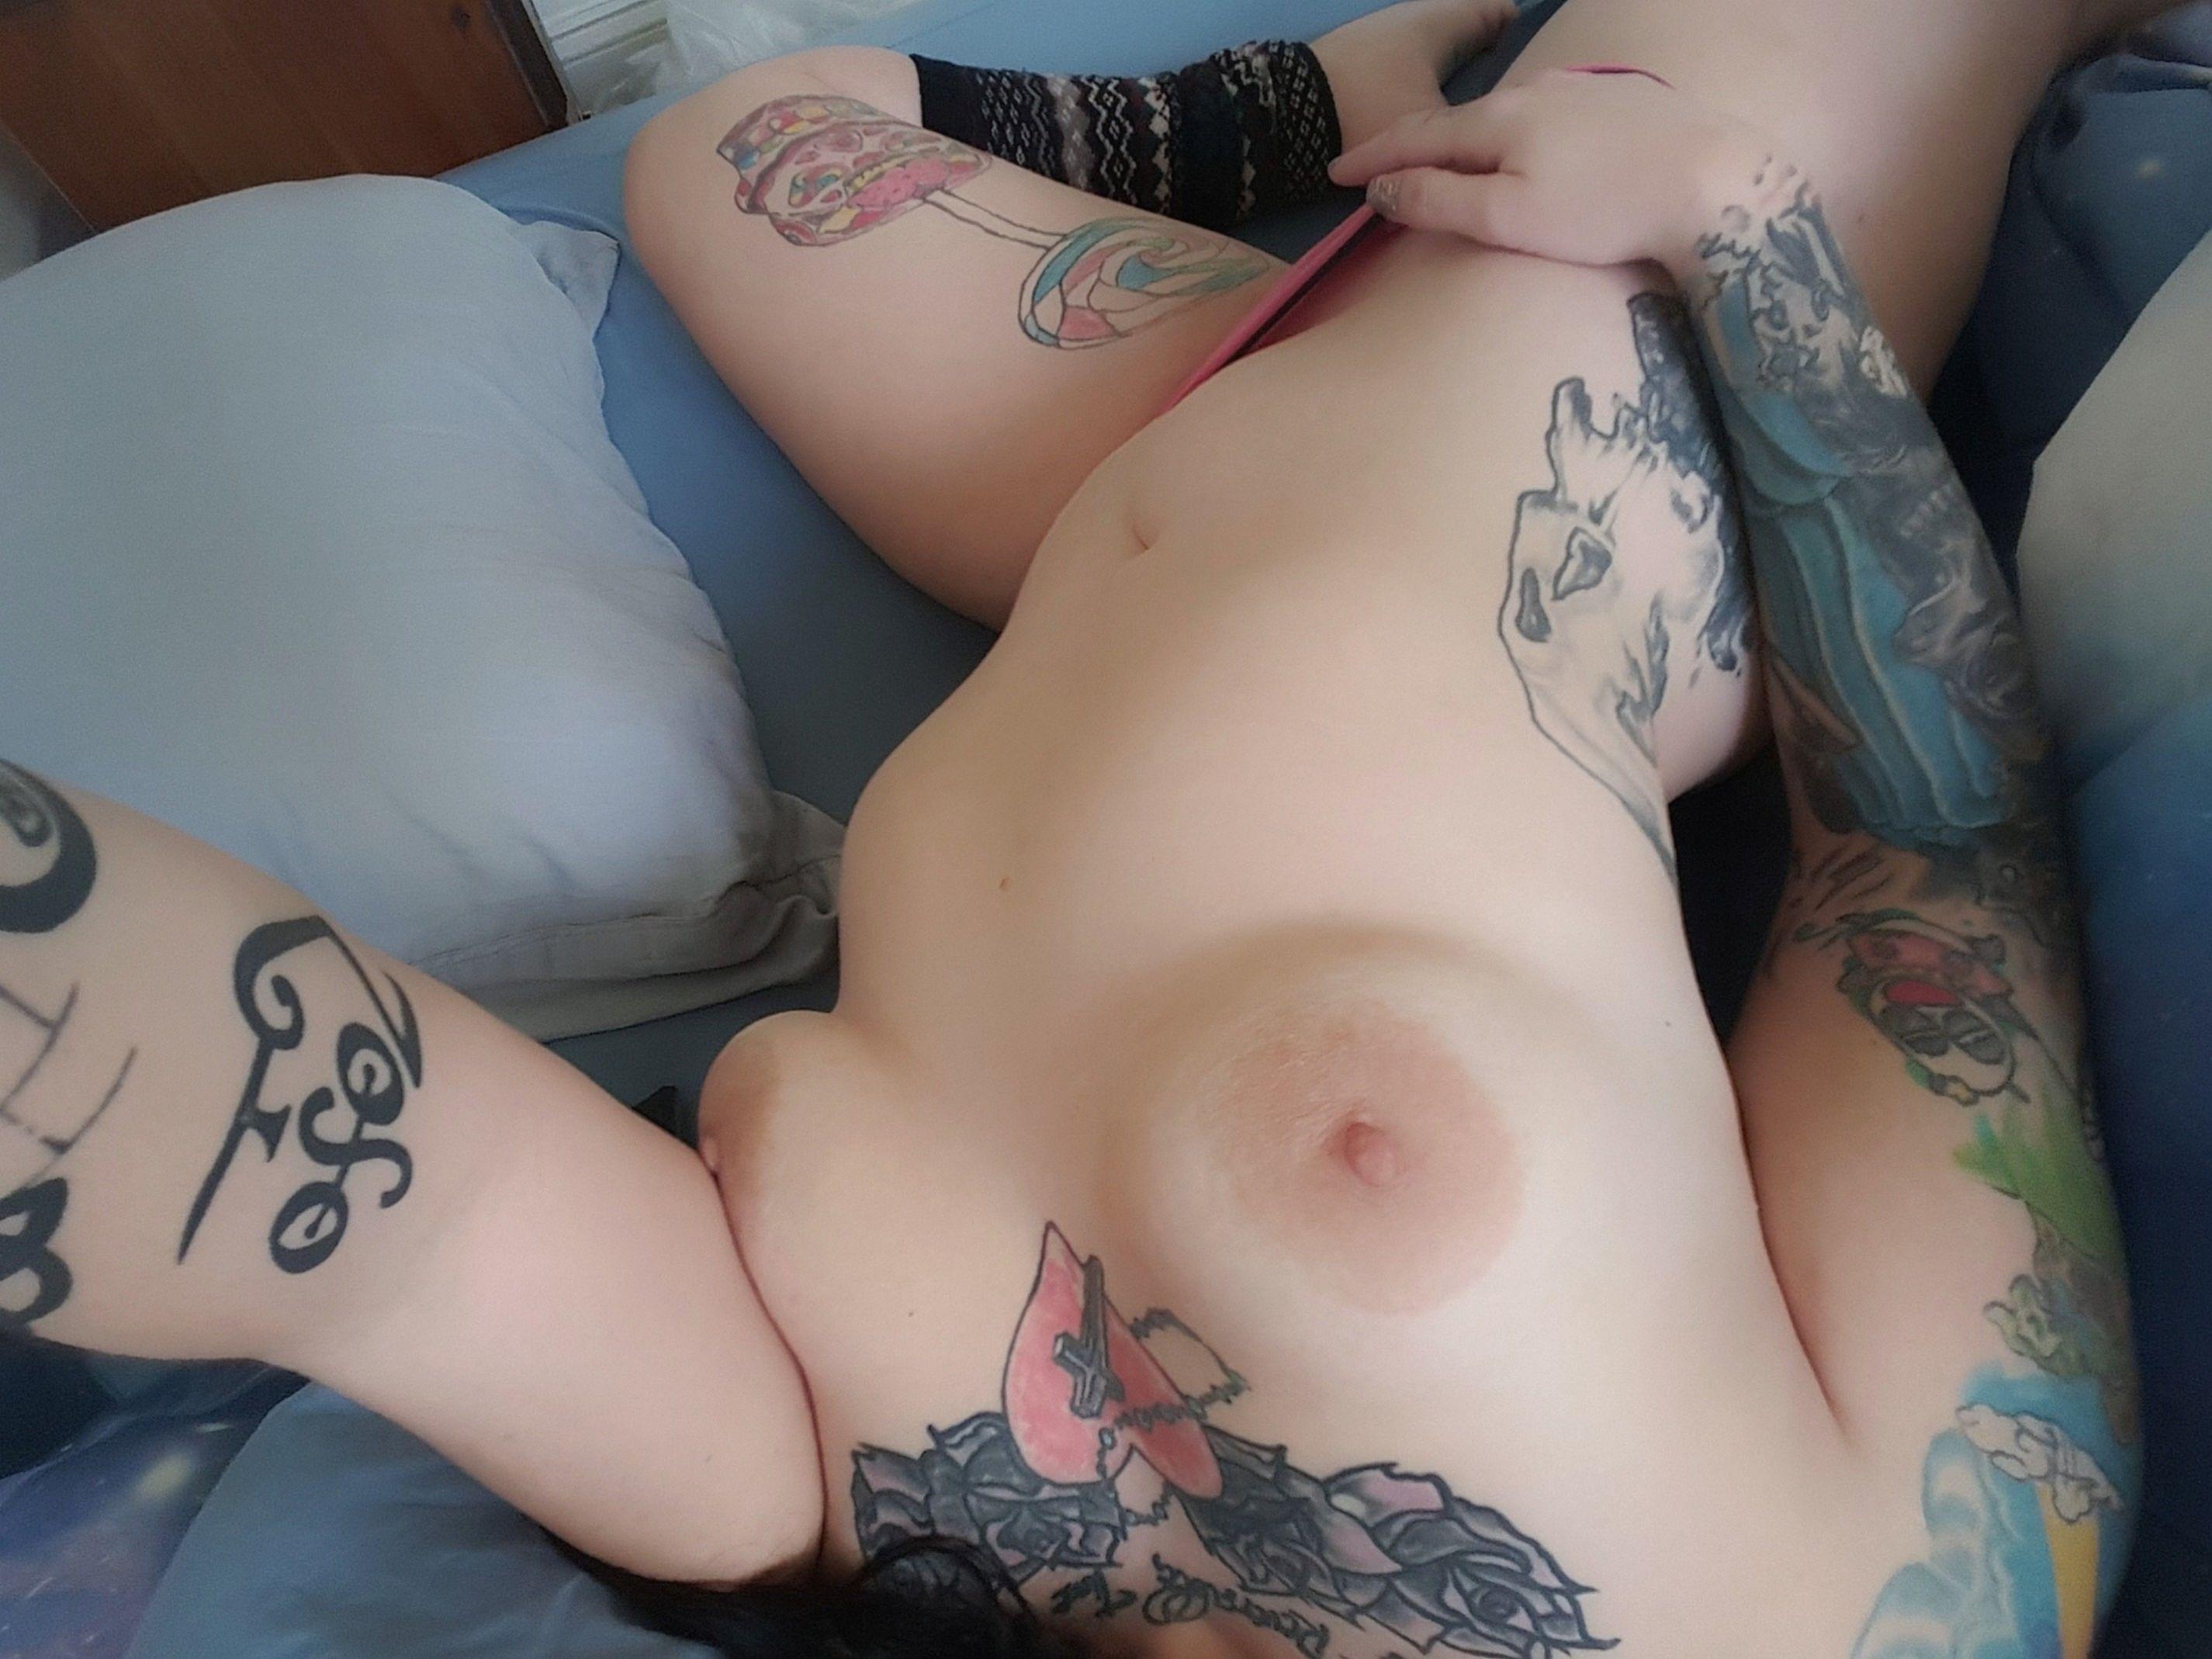 Татуированная крошка позирует голышом и заглатывает ствол партнера